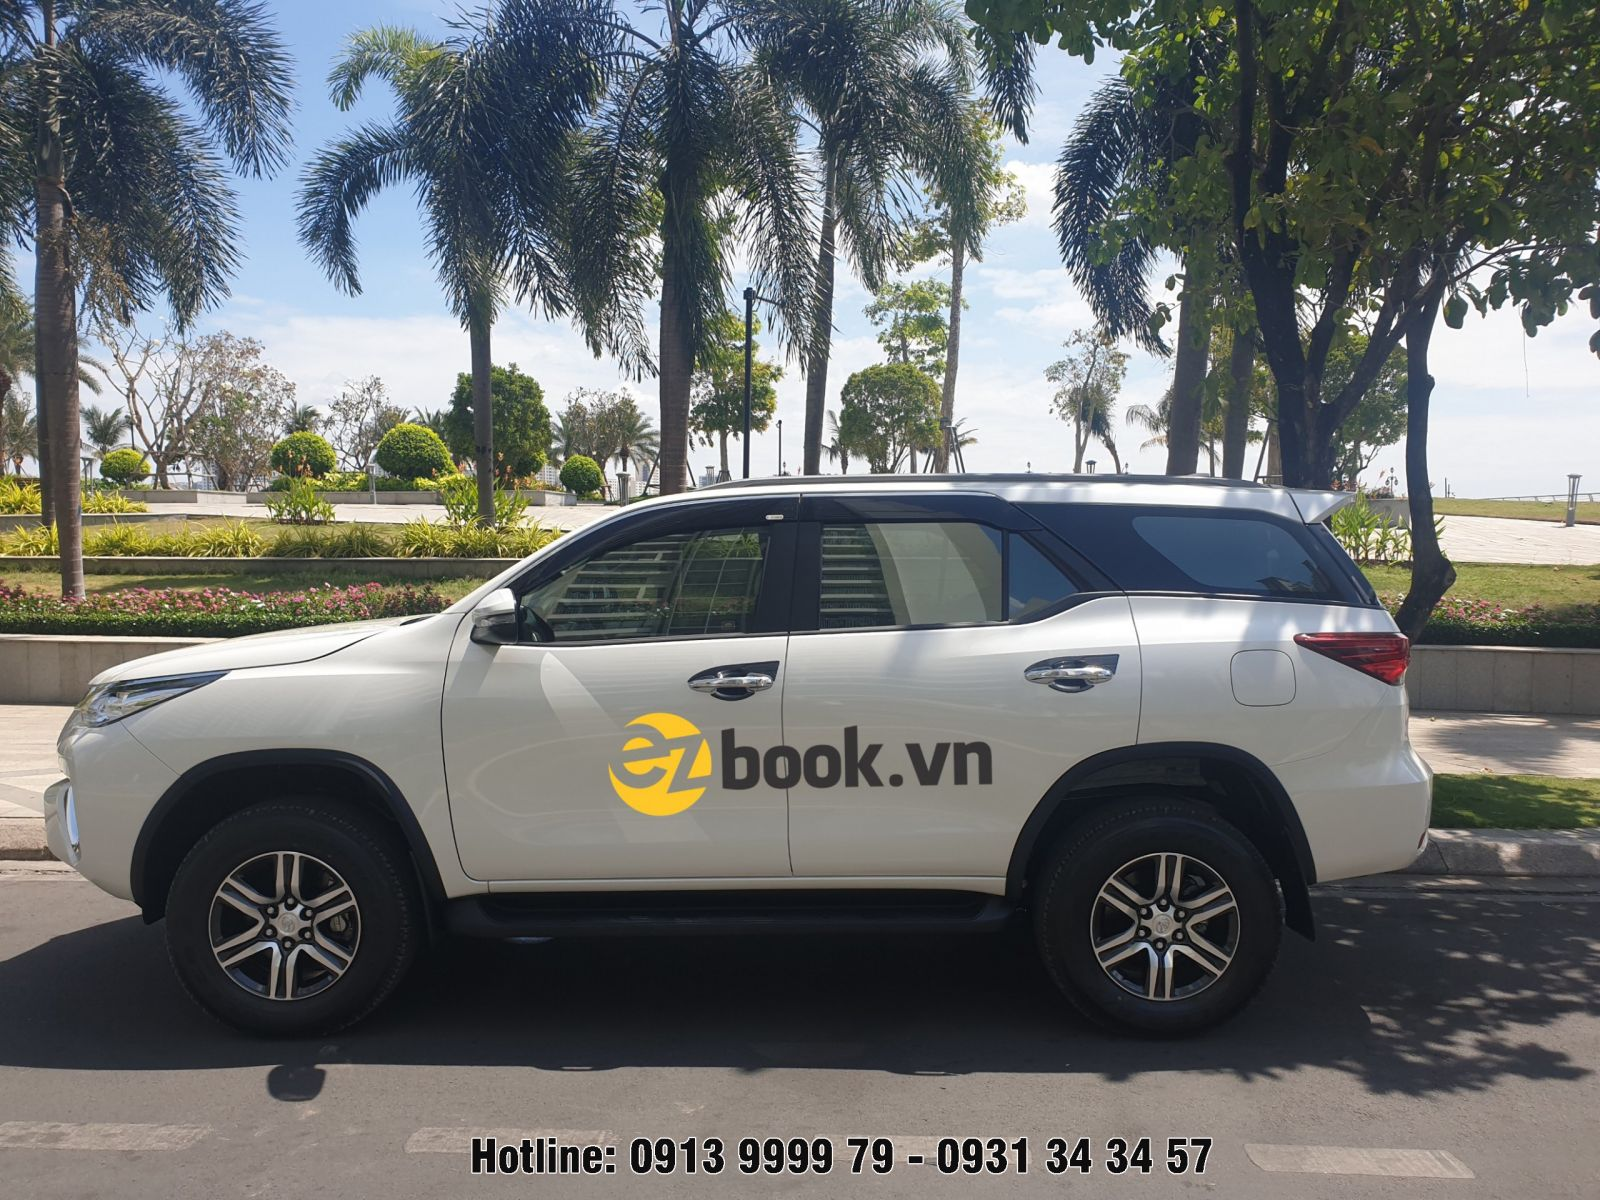 Dịch vụ thuê xe giá rẻ Ezbook.